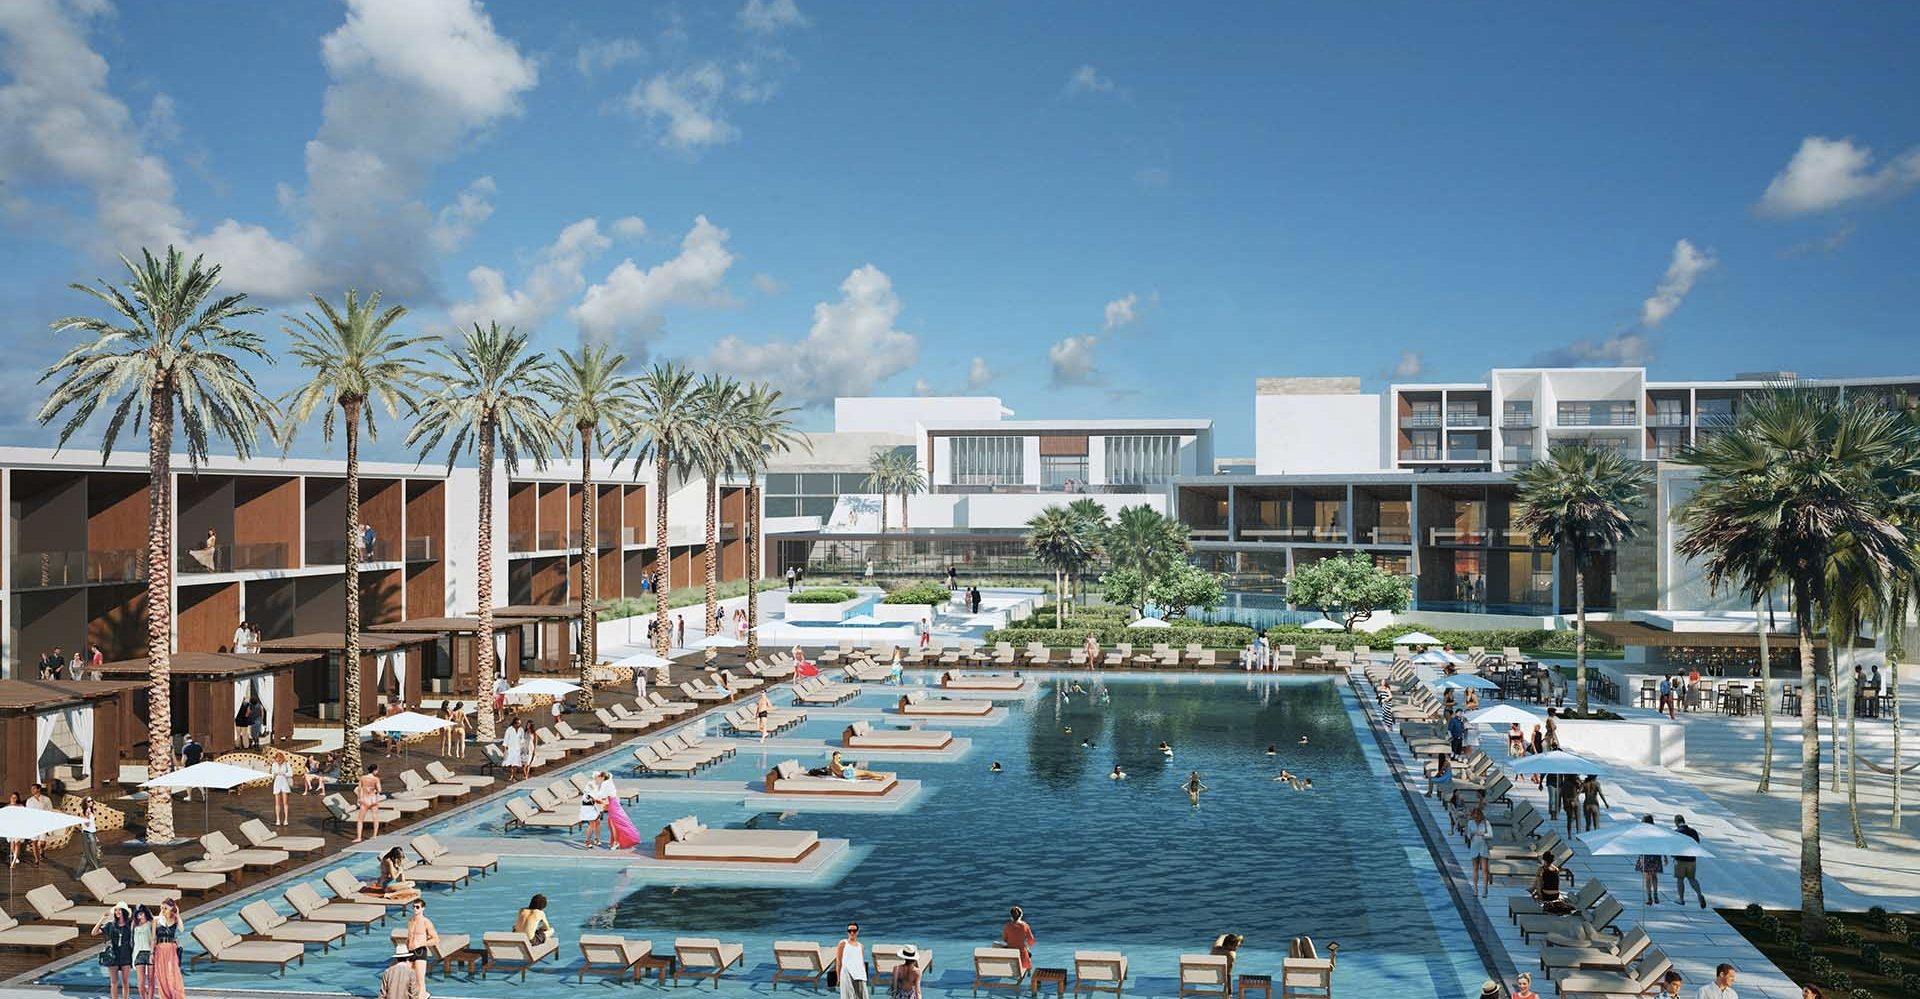 Nobu Hotel Los Cabos hotel opening 2019